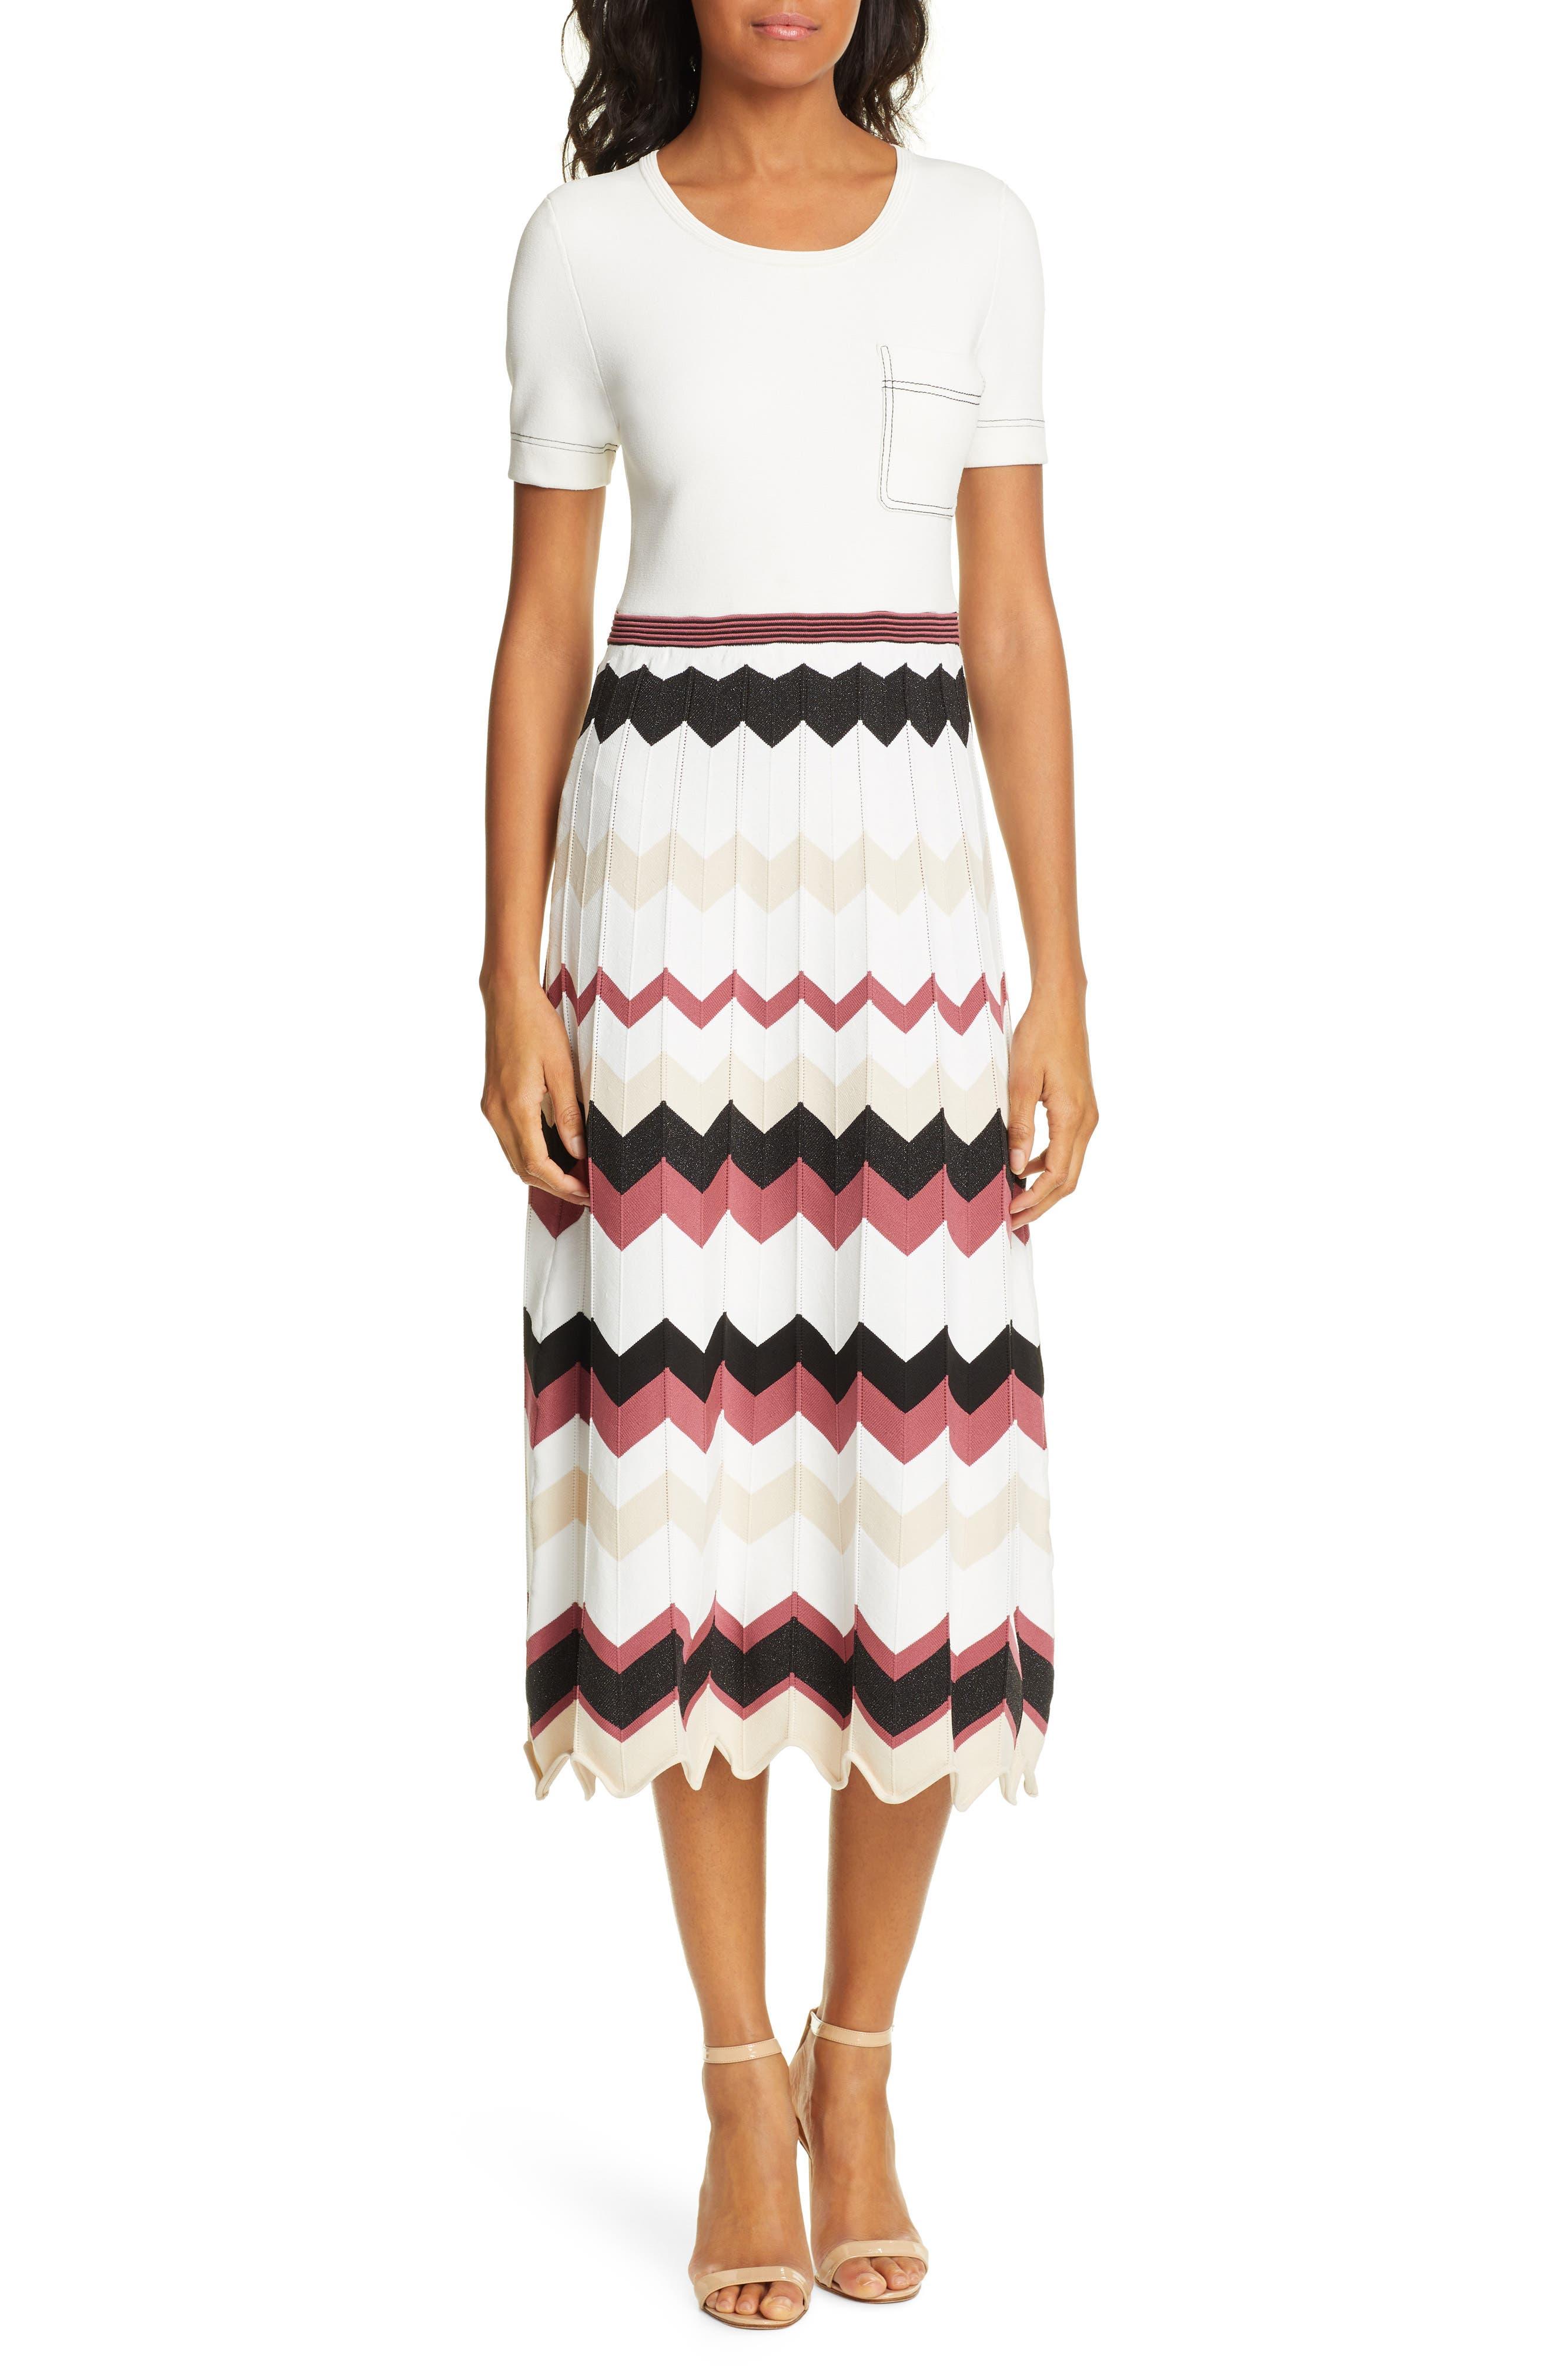 Dvf Gaia Chevron Pattern Dress